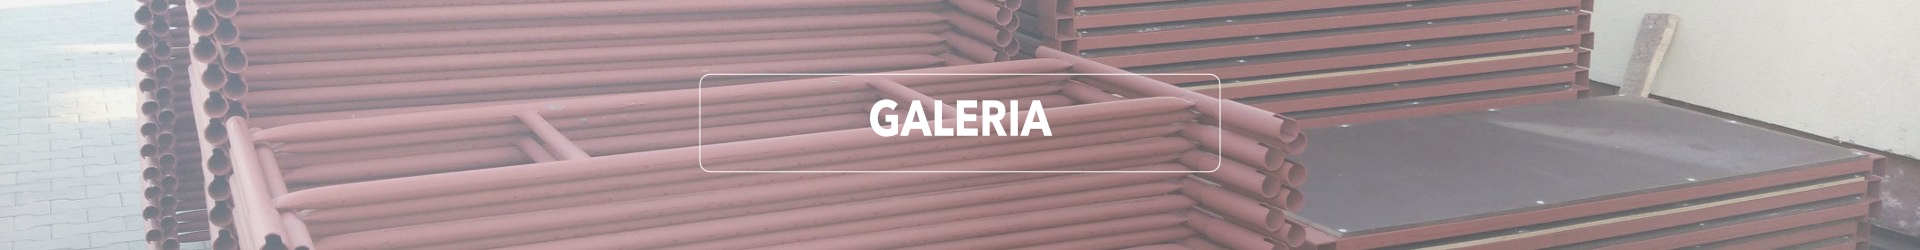 GALERIA-1920x250